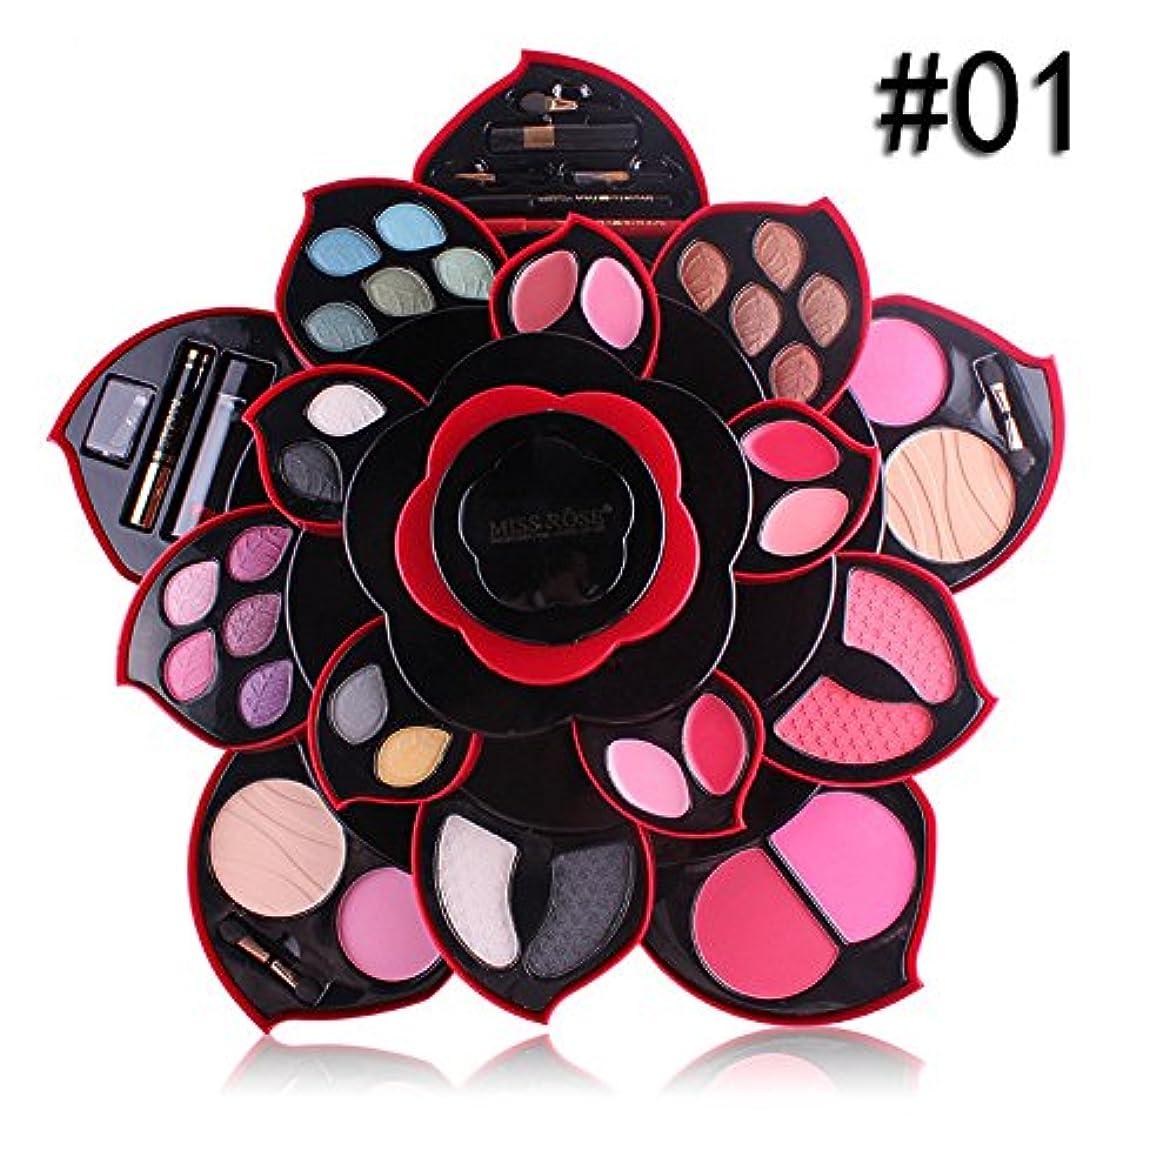 巨人洞察力のあるアラブサラボビューティー アイシャドー wwkeiying アイシャドウセット ファッション 23色 梅の花デザイン メイクボックス 回転多機能化粧品 プロ化粧師 メイクの達人 プレゼント (A) (A)